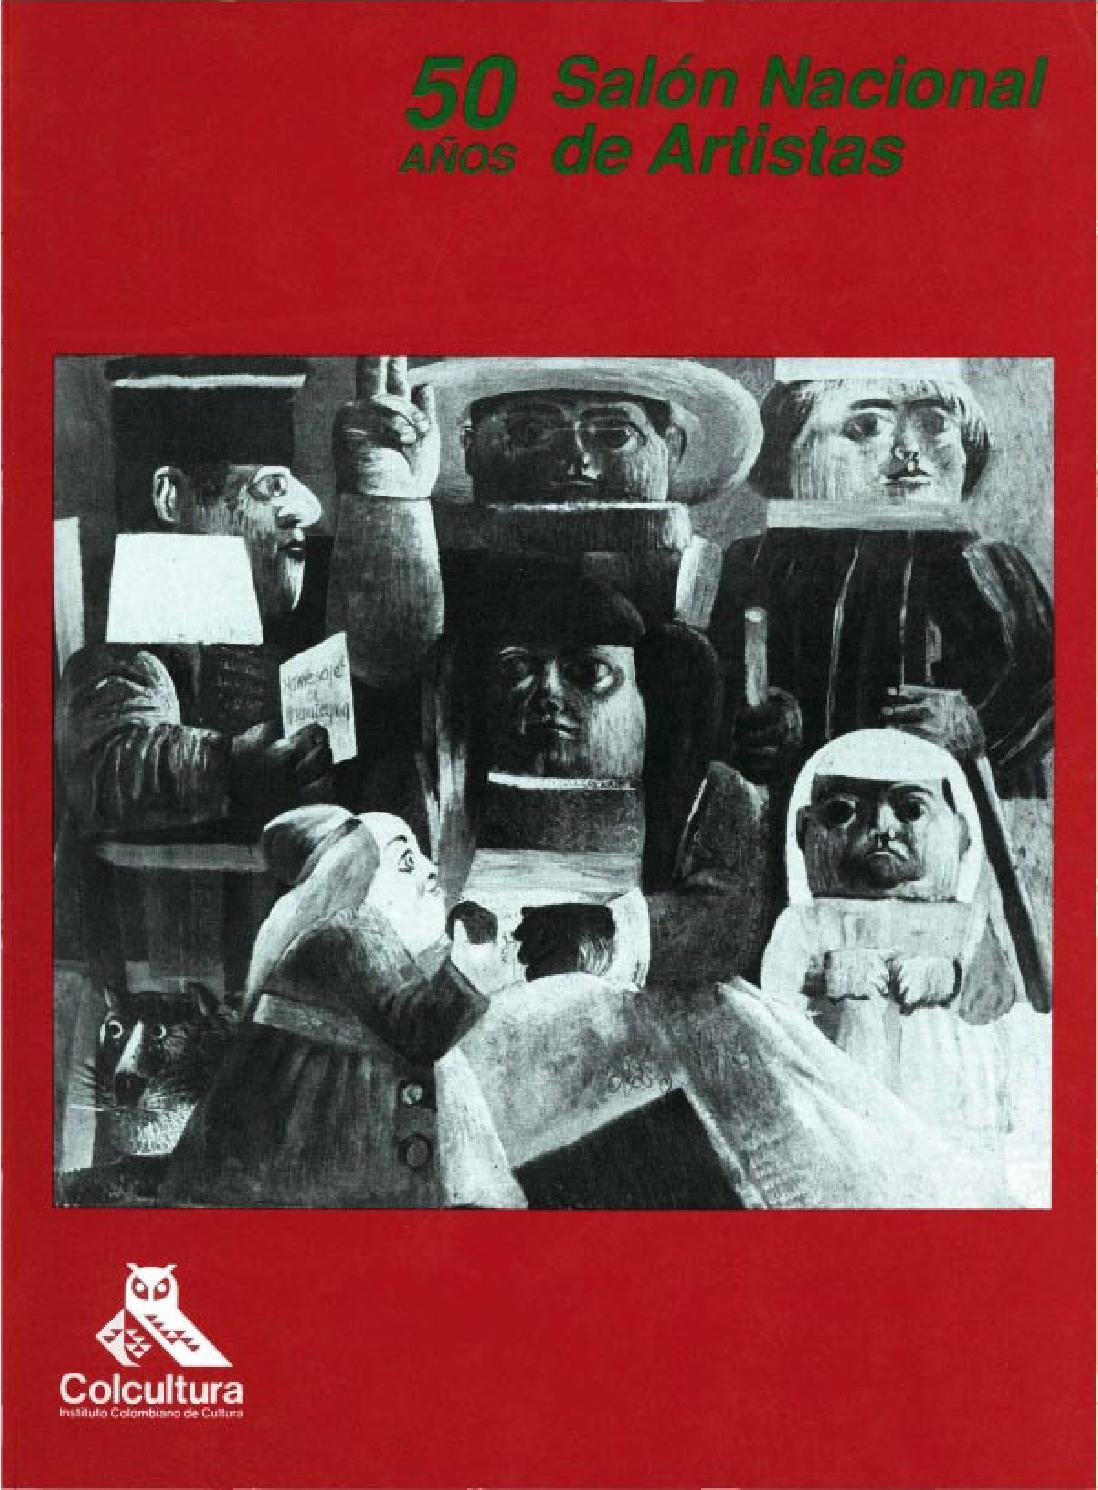 5266c0f73149e 50 años del Salón Nacional de Artistas by Artes Visuales Mincultura - issuu